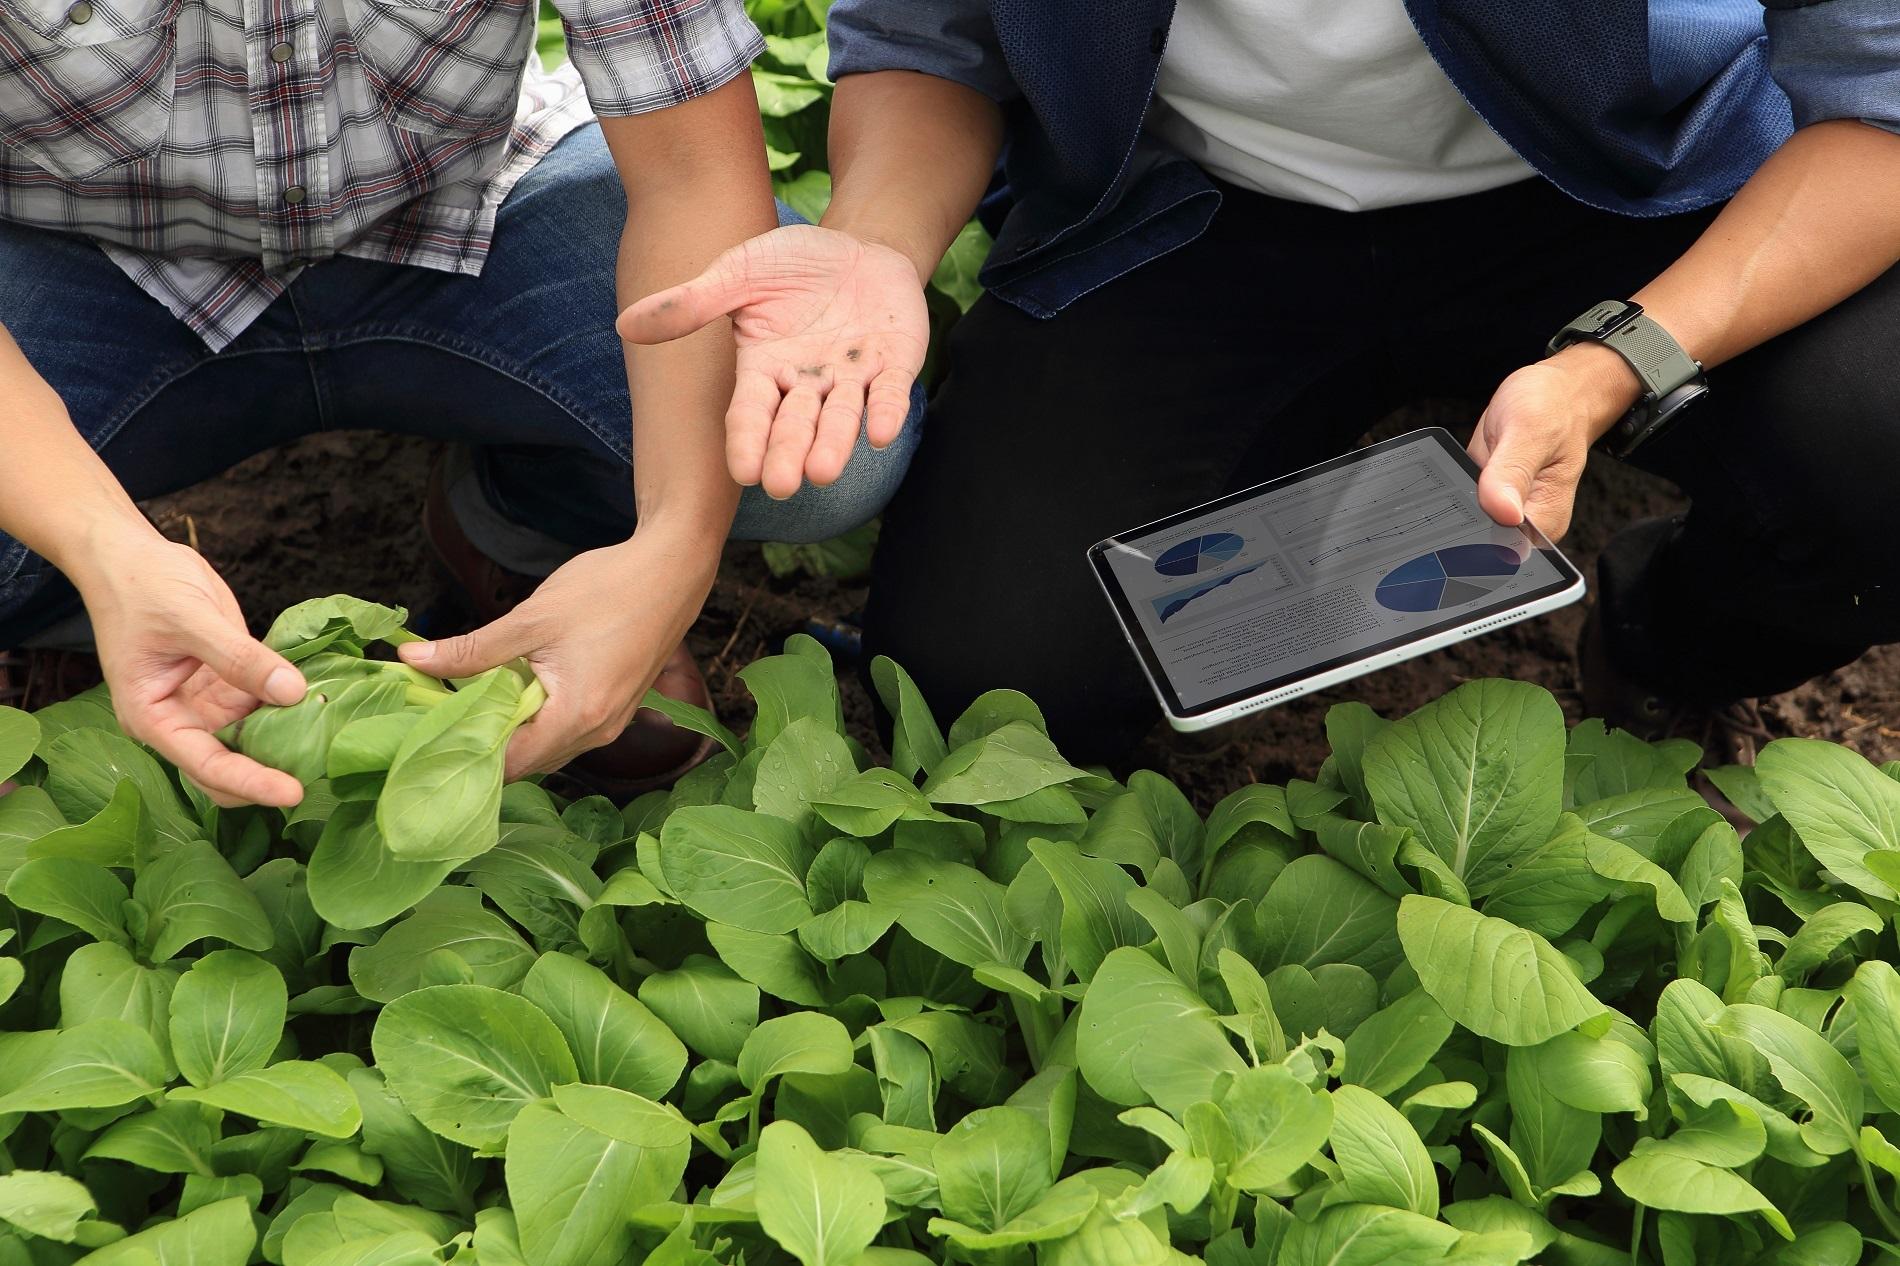 Buenas prácticas en el uso de fitosanitarios: antes de la aplicación